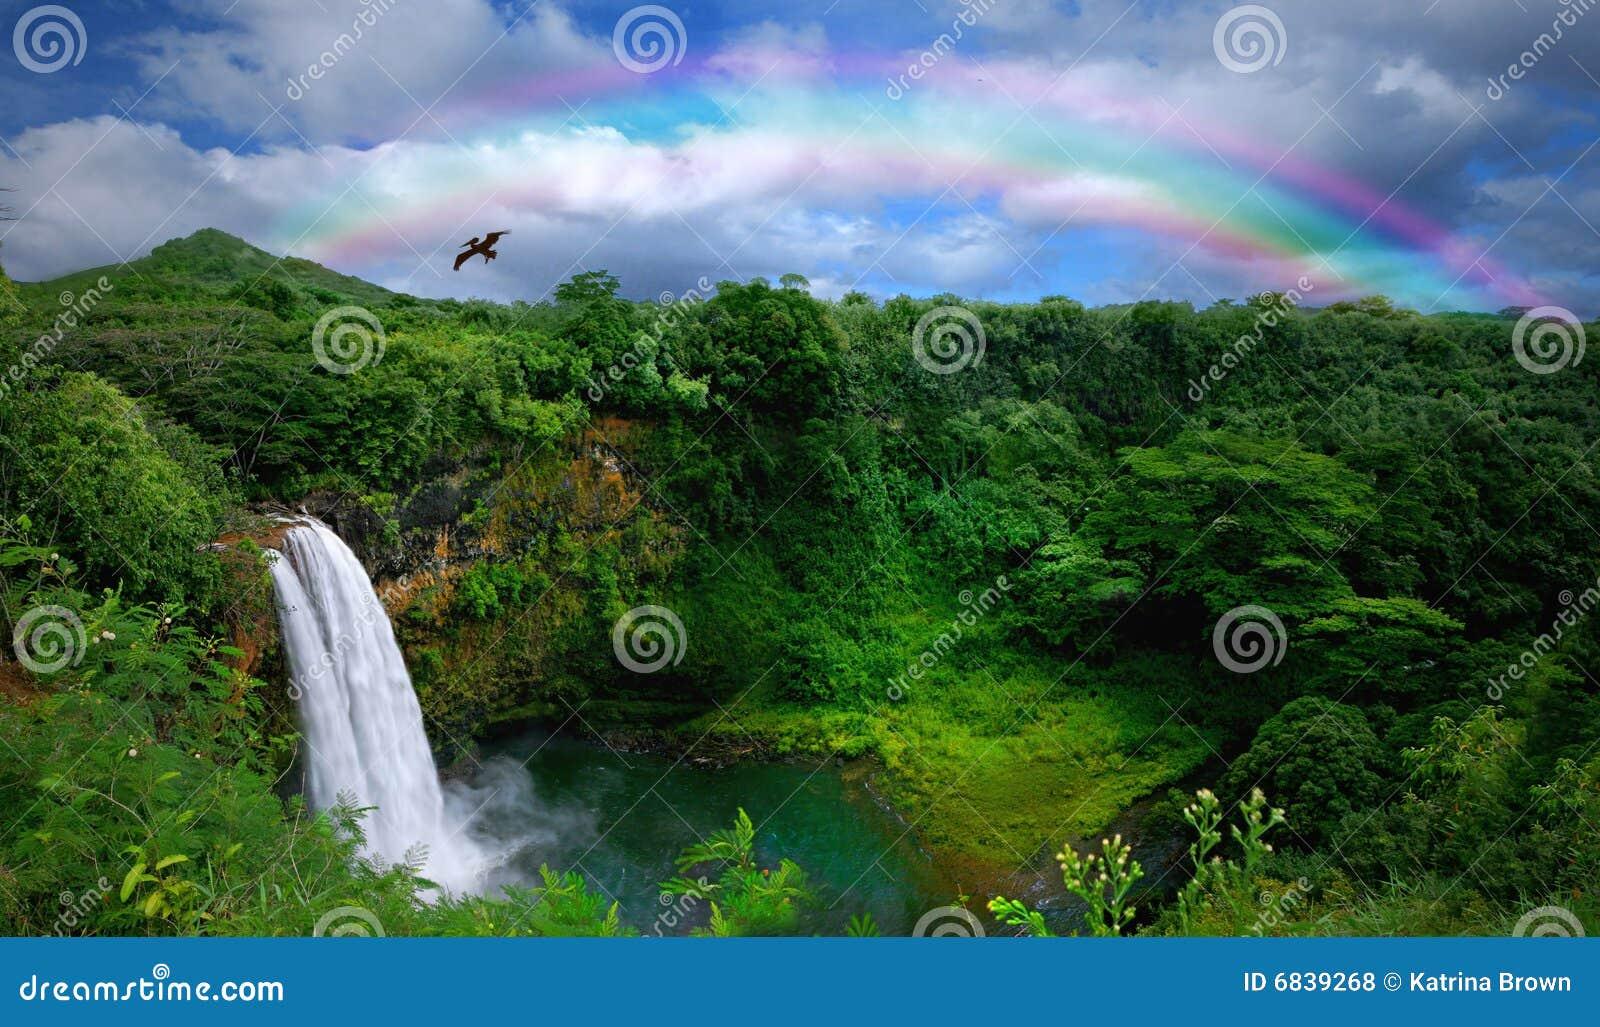 美丽的夏威夷顶视图瀑布